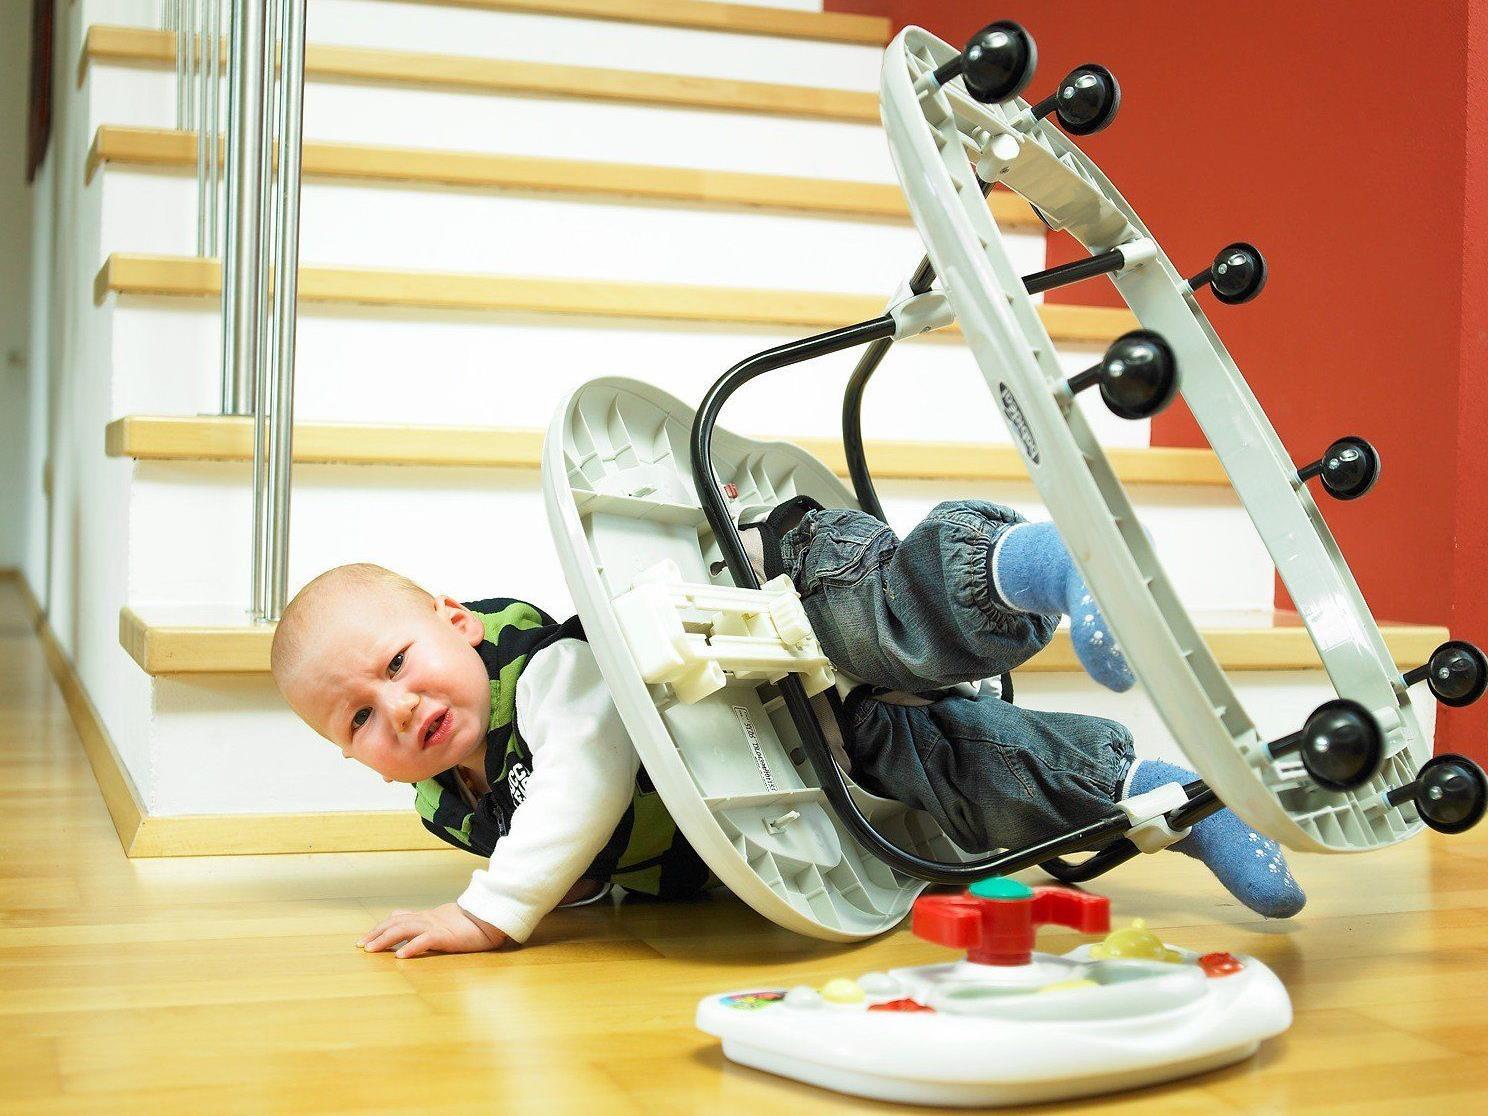 Auch in Vorarlberg müssen immer wieder Kinder nach Unfällen mit Laufwagen im Spital behandelt werden.